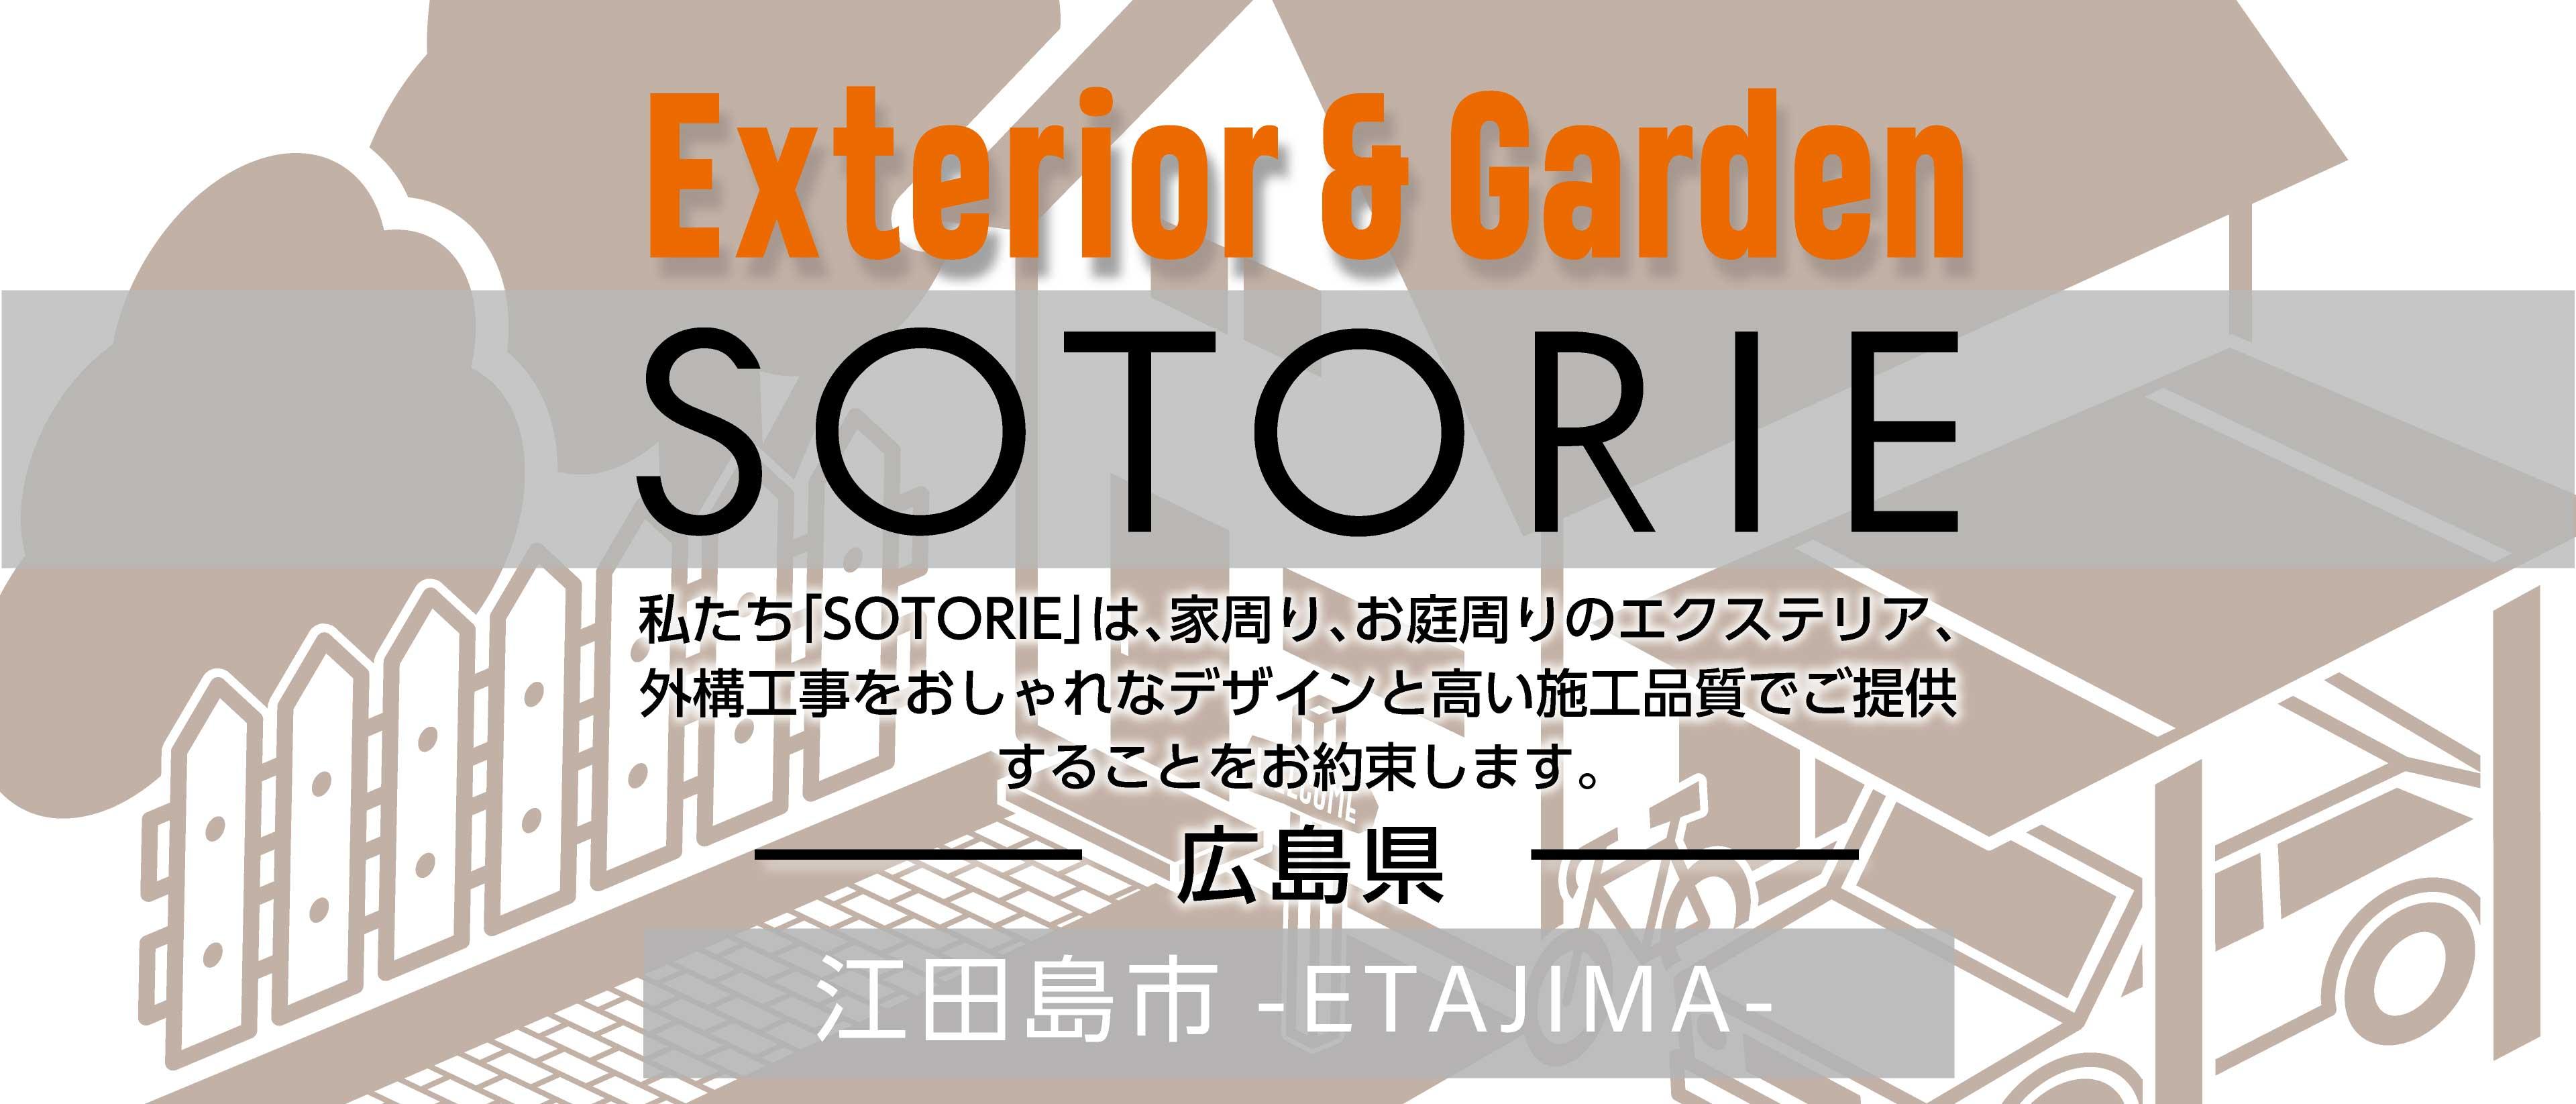 ソトリエ江田島市では、家周りと庭周りの外構、エクステリア工事をおしゃれなデザインと高い施工品質でご提供することをお約束します。